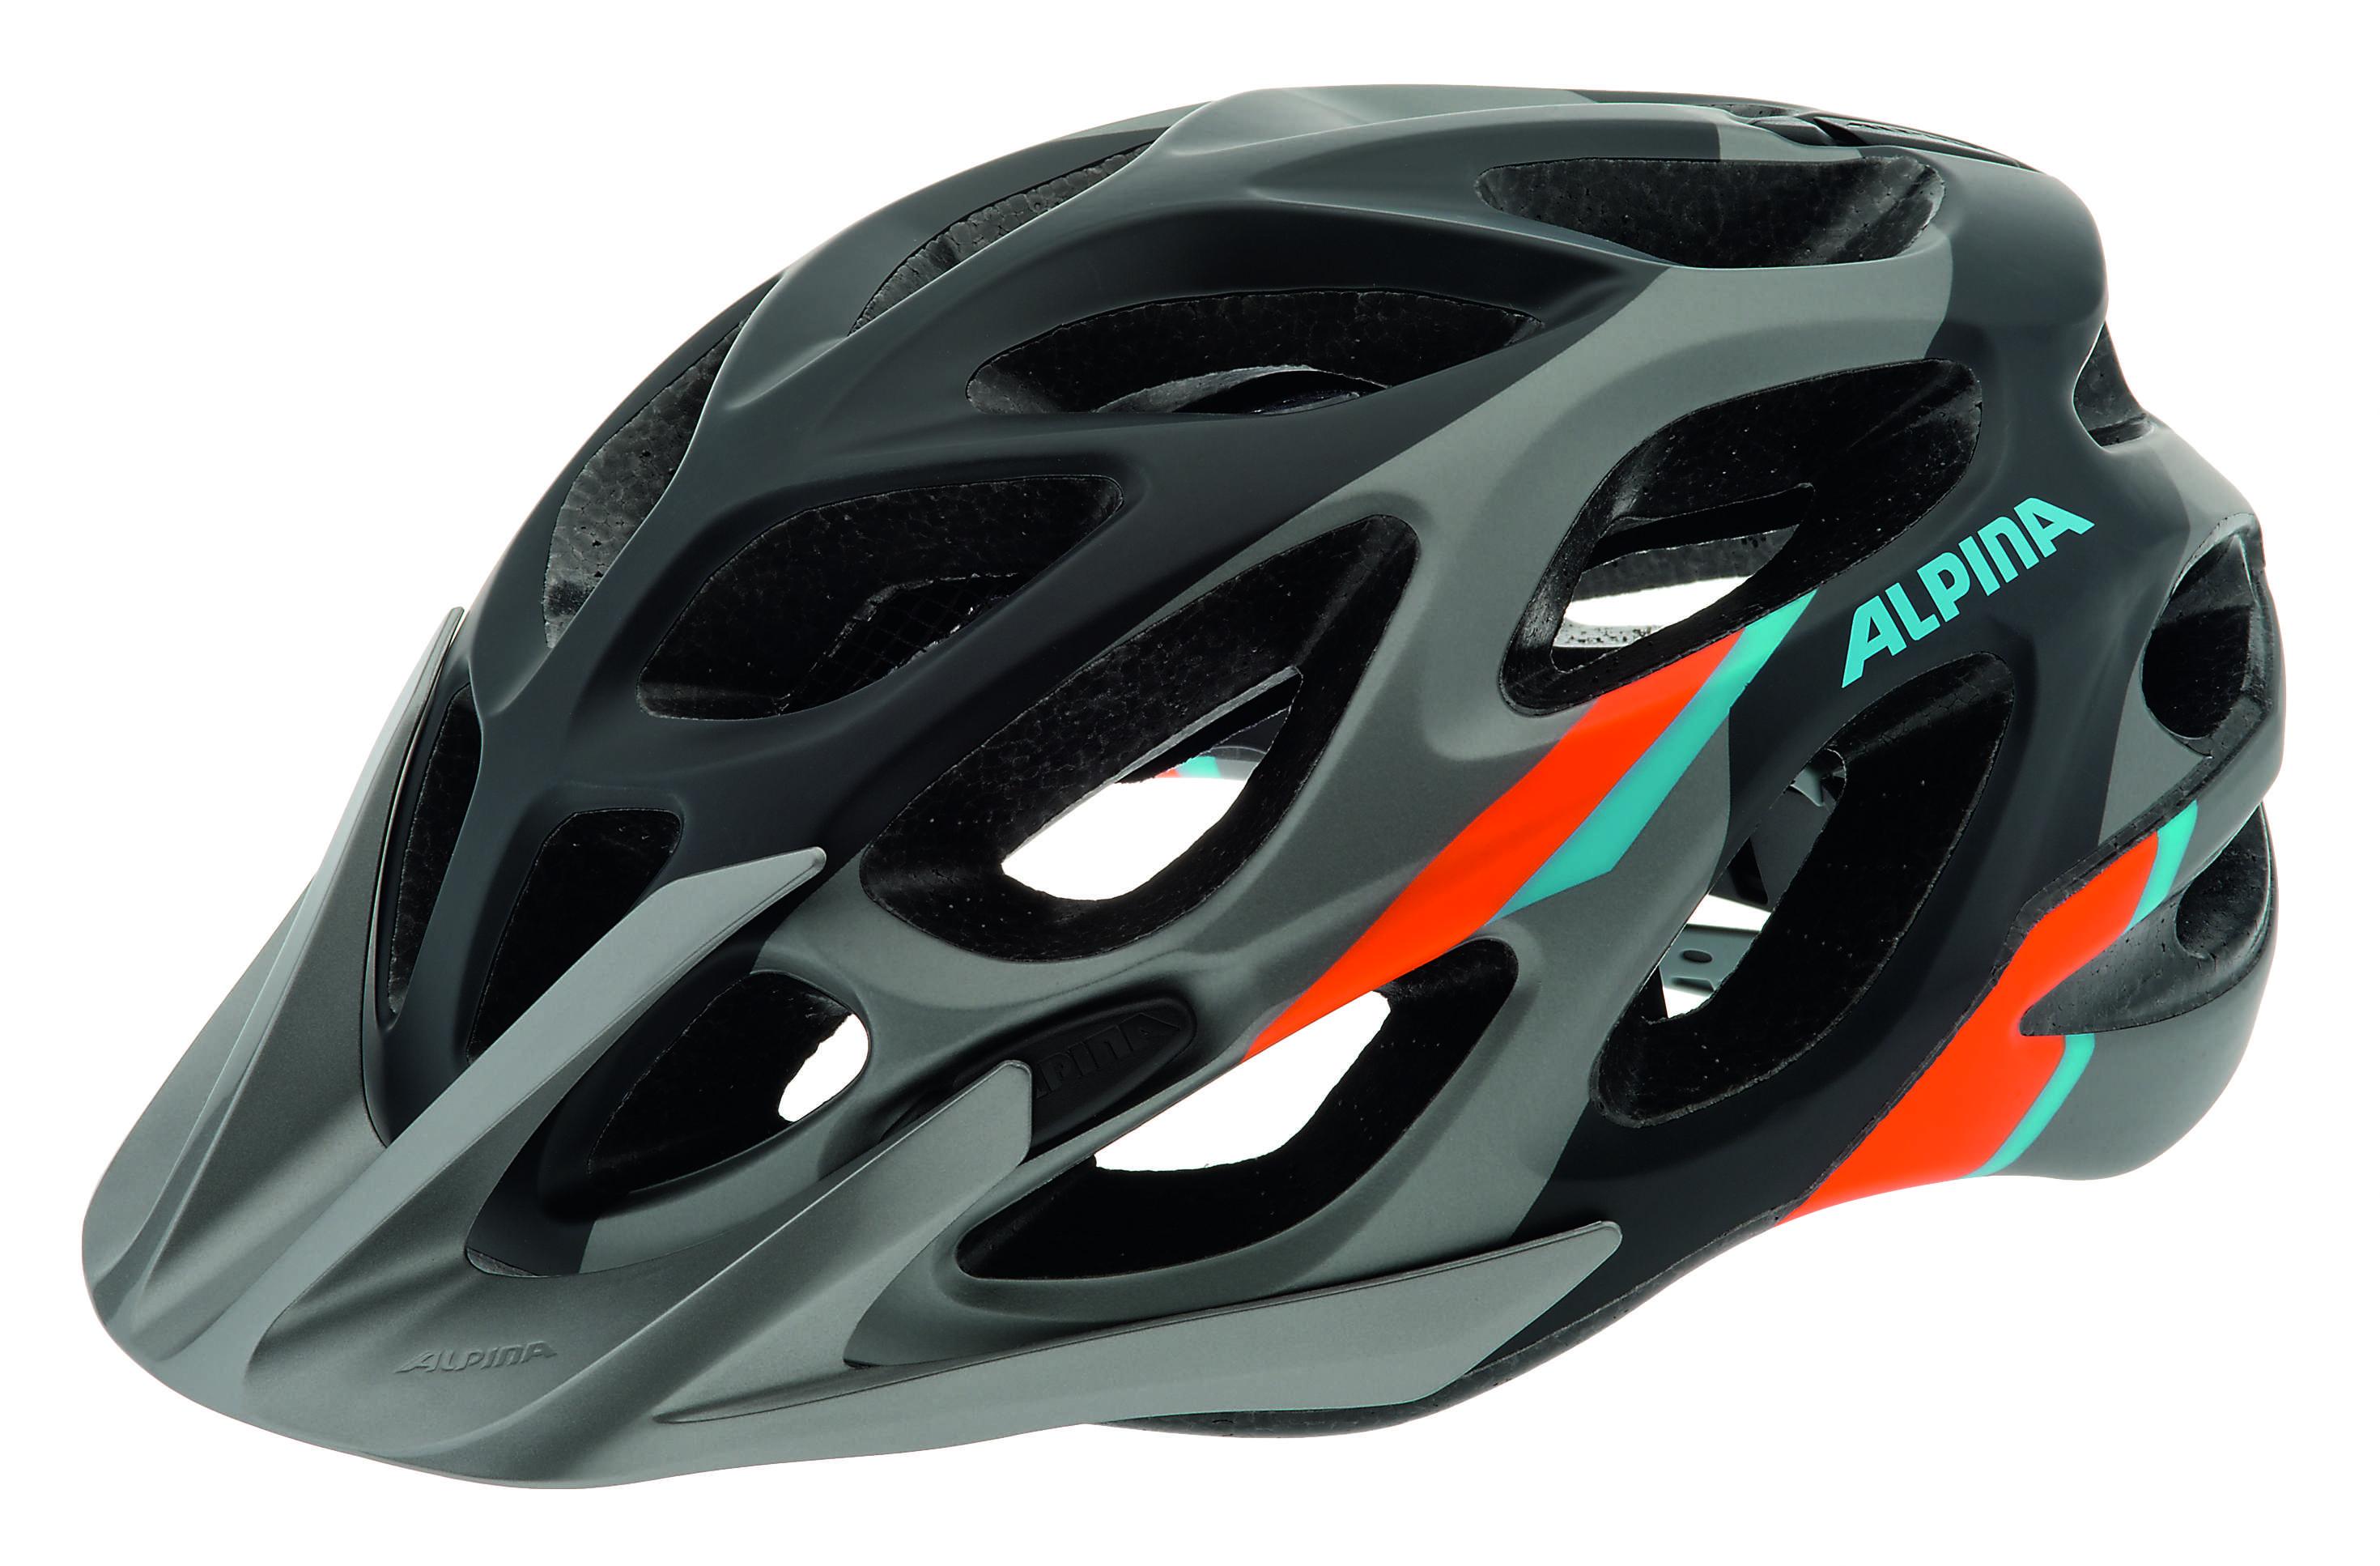 Купить Летний шлем Alpina MTB Mythos 2.0 LE darksilver-blue-orange, Шлемы велосипедные, 1179917